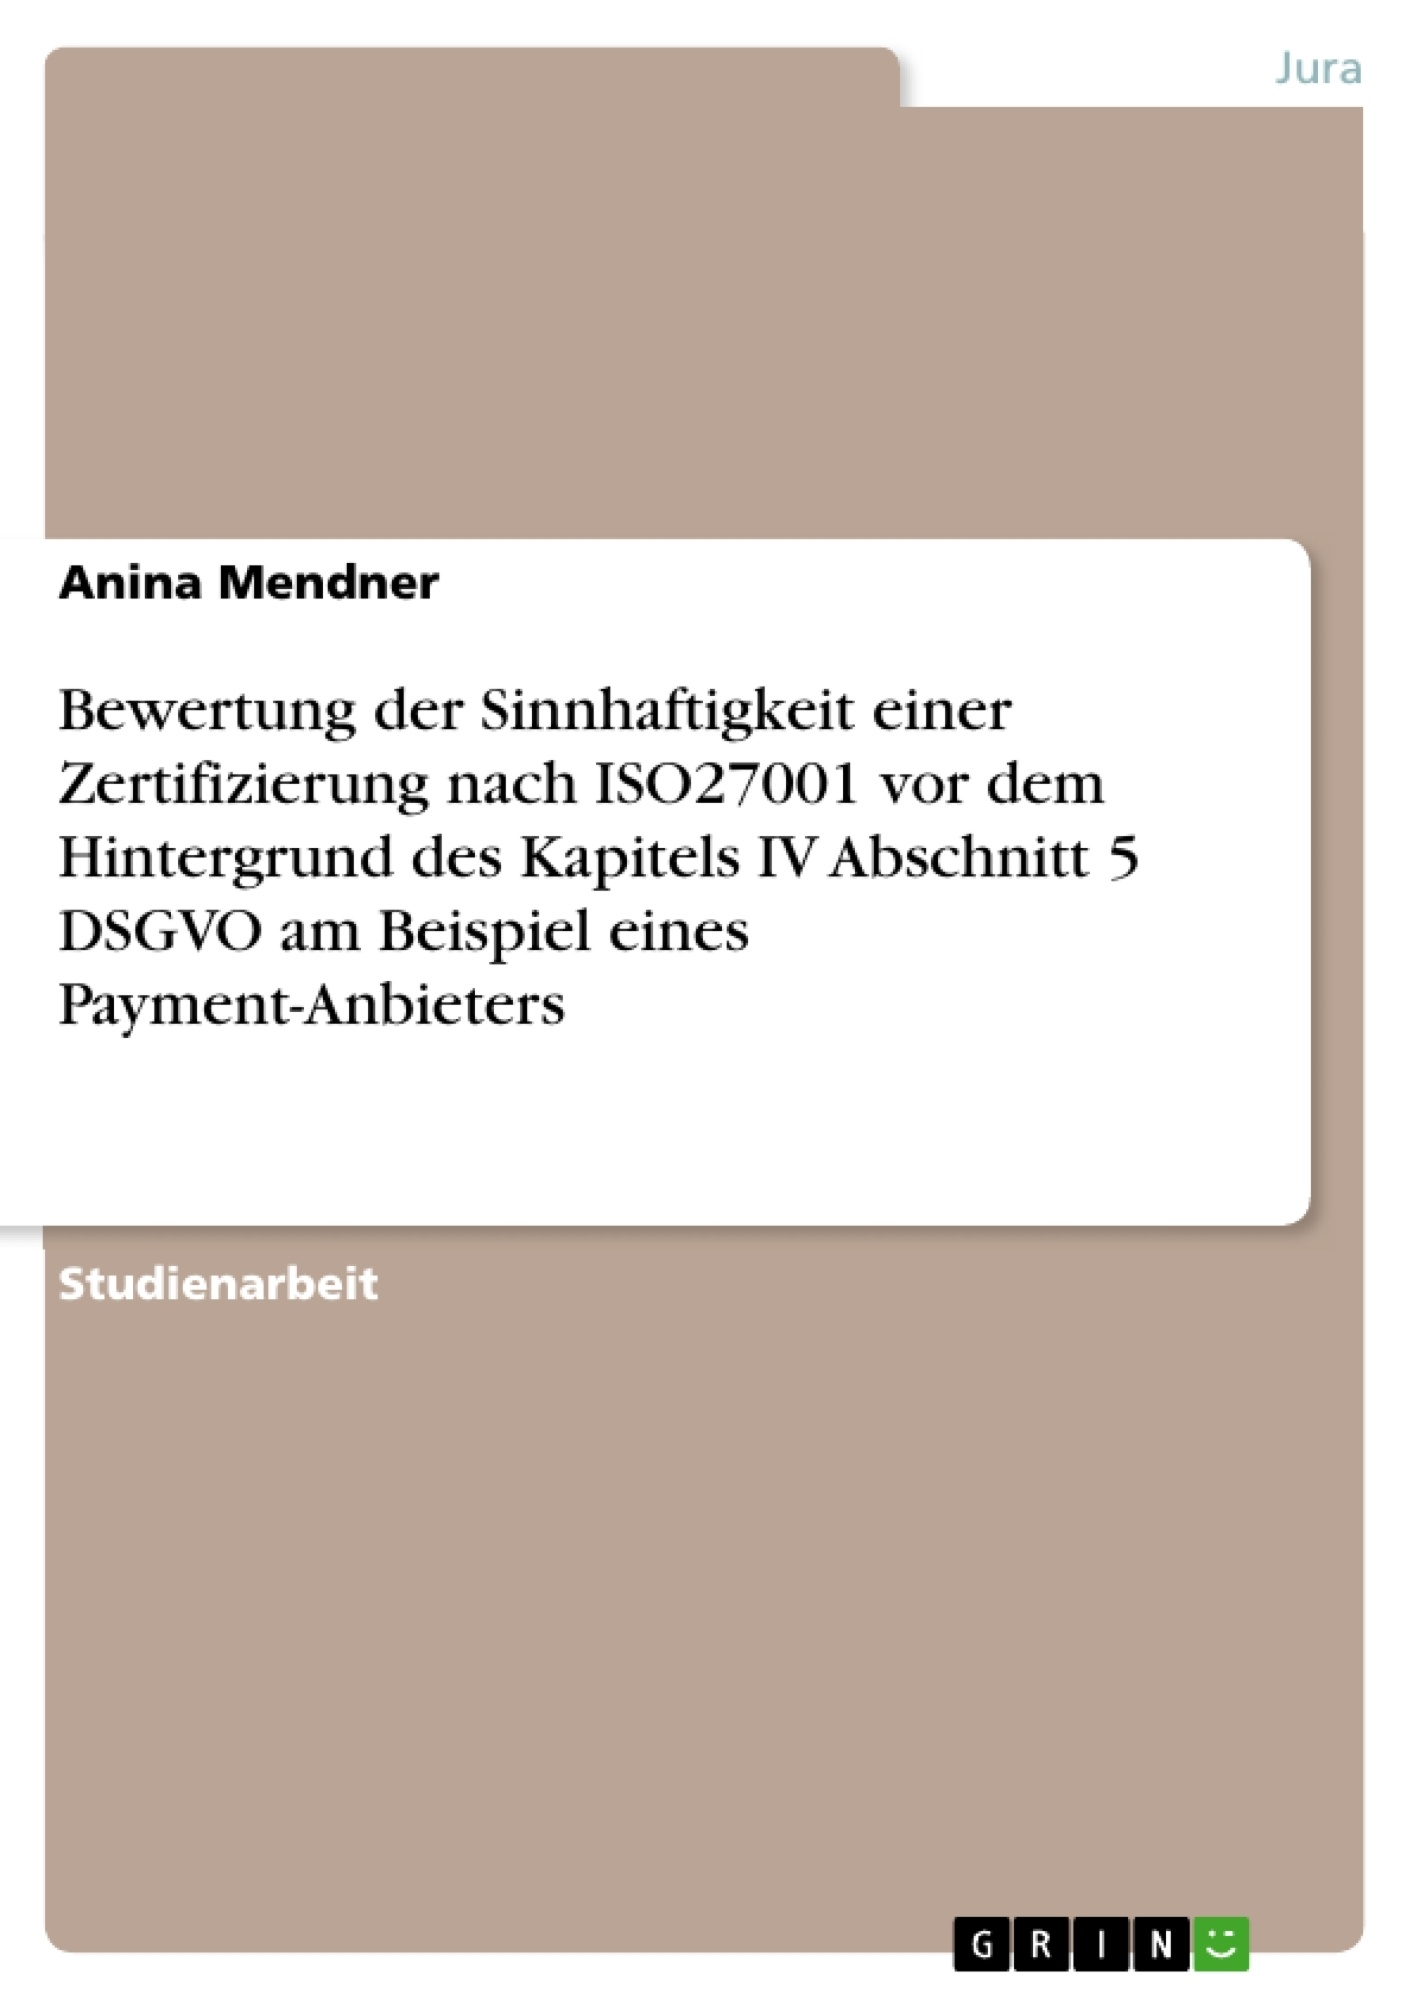 Titel: Bewertung der Sinnhaftigkeit einer Zertifizierung nach ISO27001 vor dem Hintergrund des Kapitels IV Abschnitt 5 DSGVO am Beispiel eines Payment-Anbieters